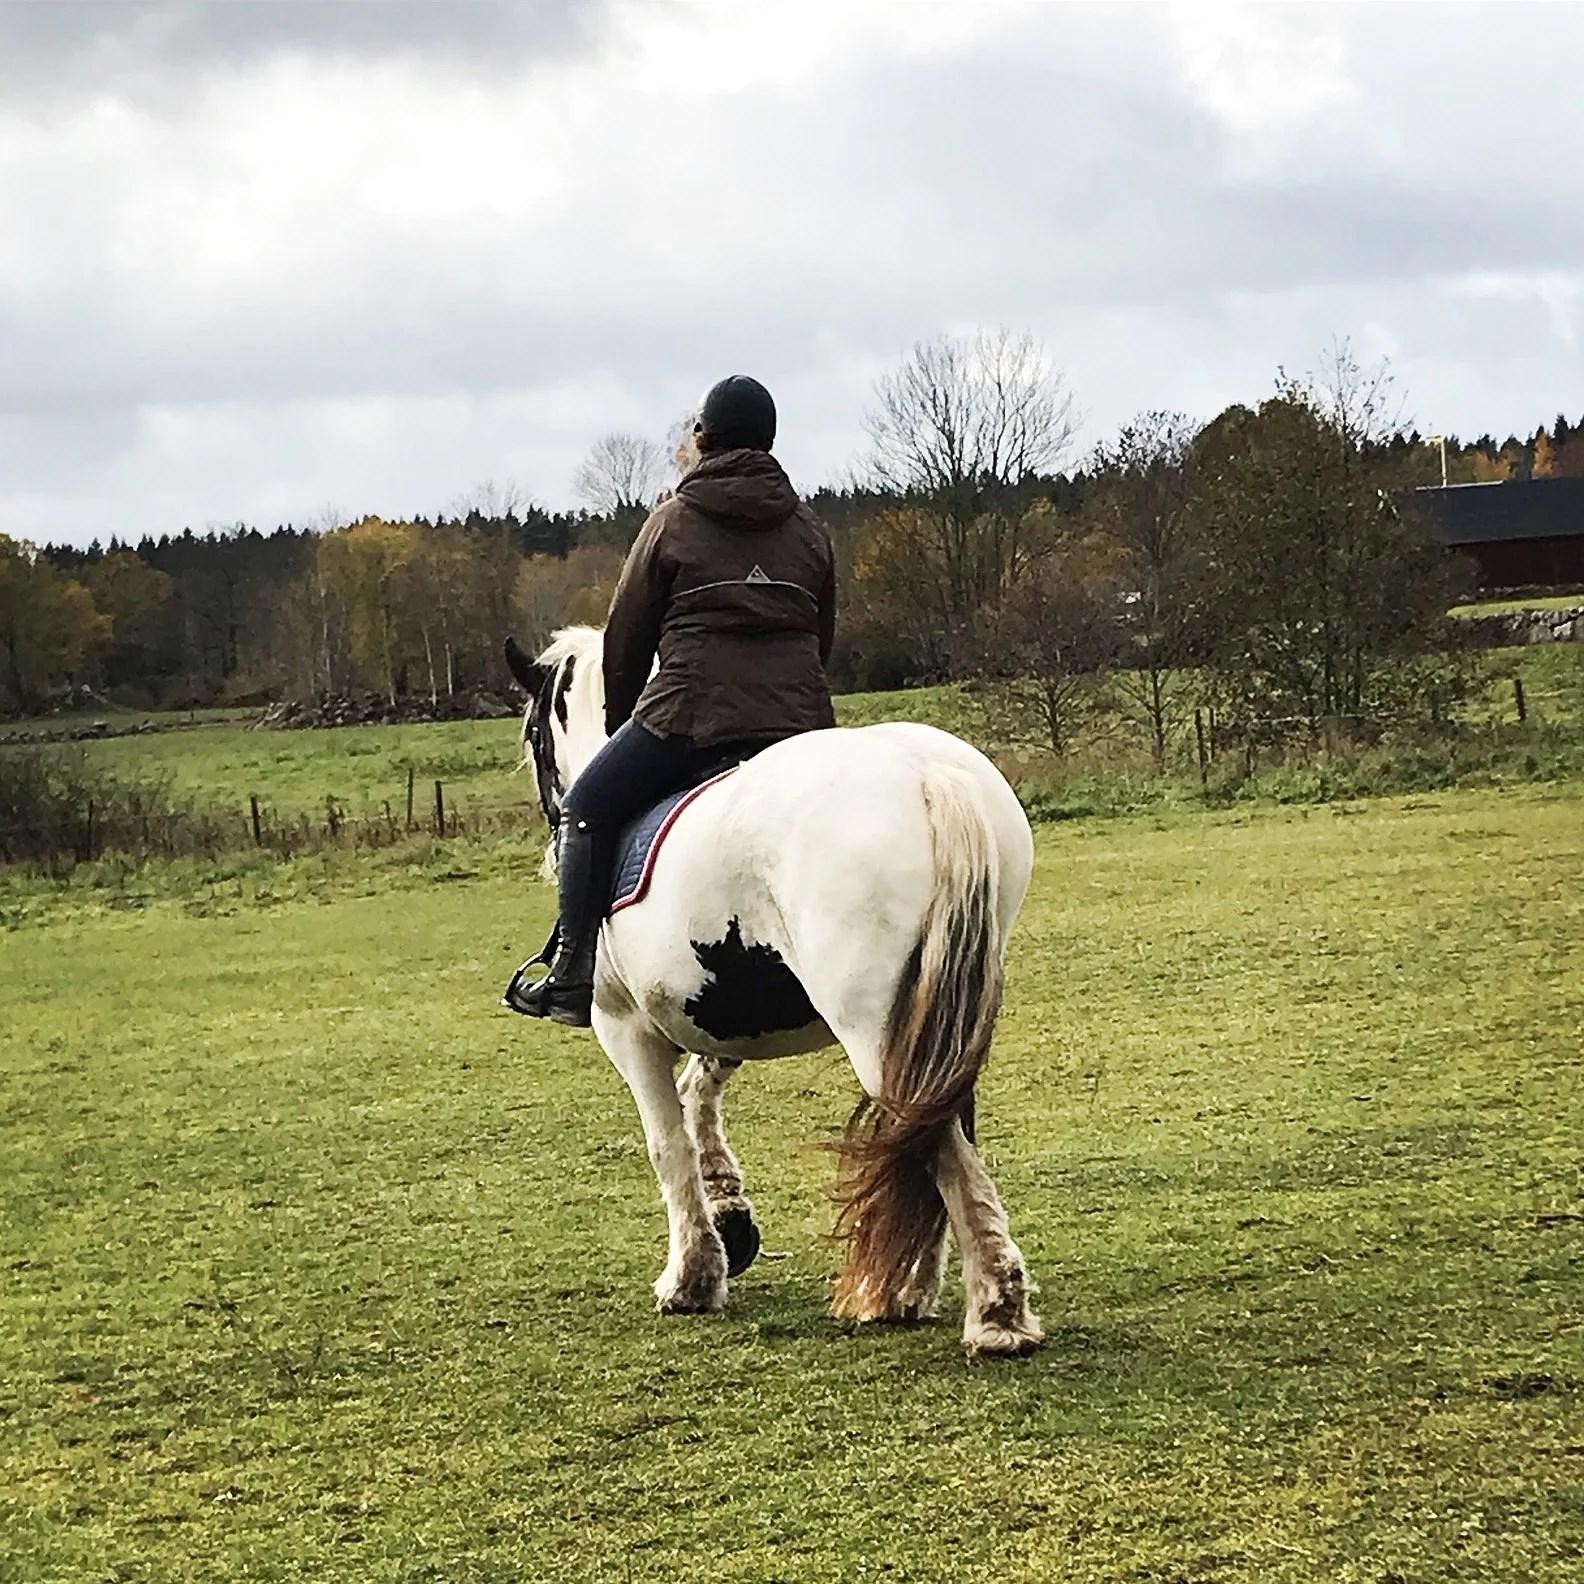 Tittat på häst